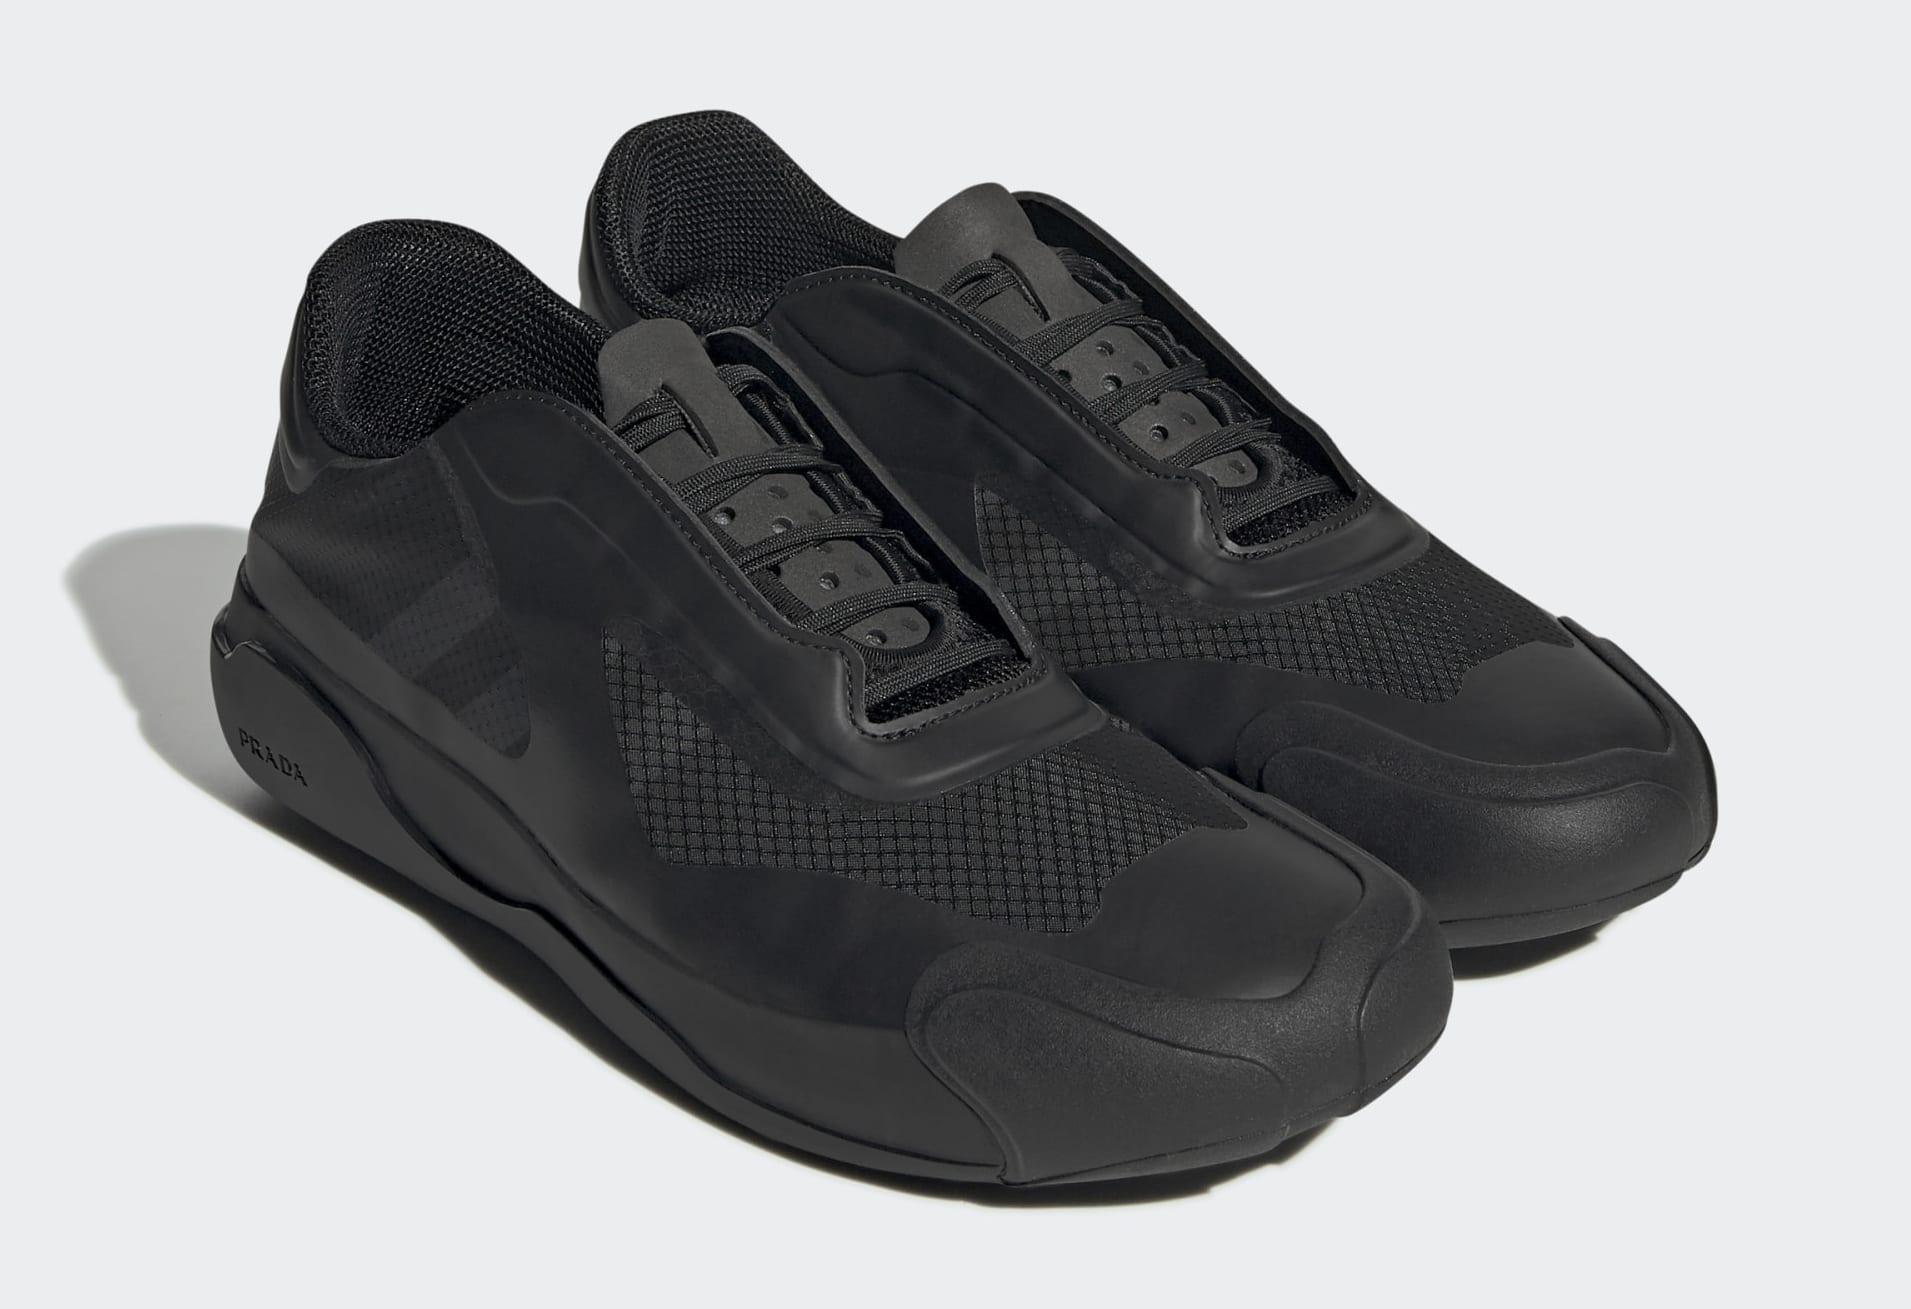 Paire Prada x Adidas Luna Rossa 21 'Core Black' G57868